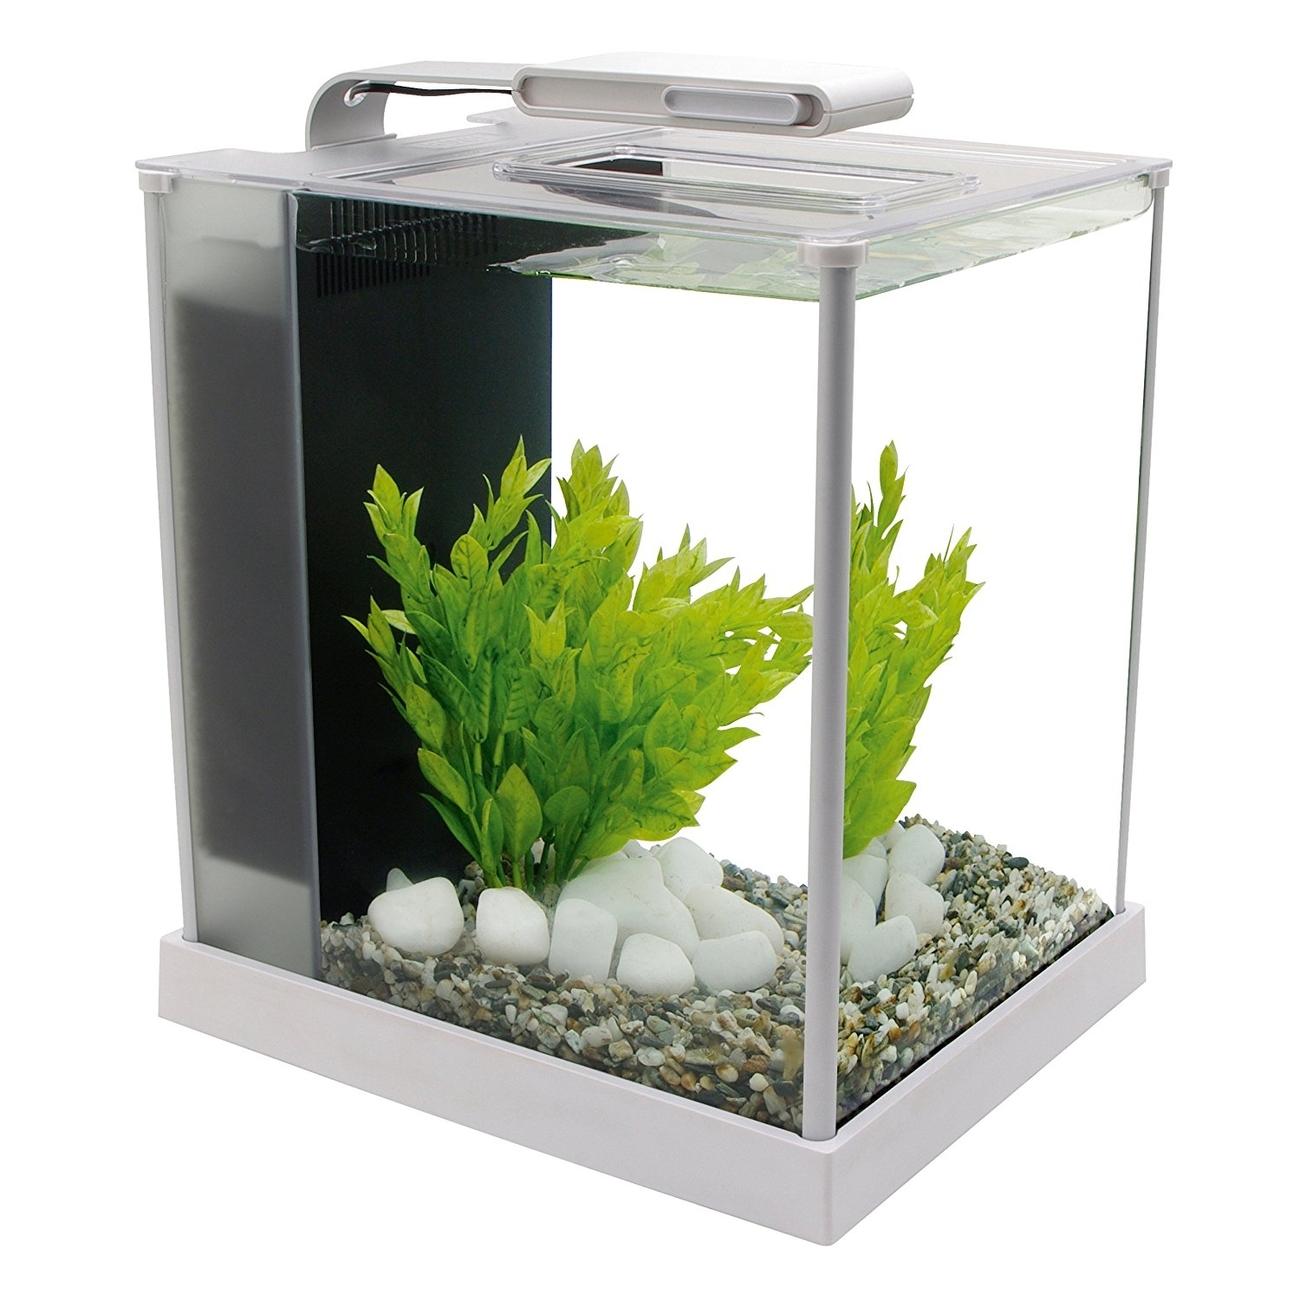 Fluval SPEC Süßwasser Aquarium Set, Bild 4